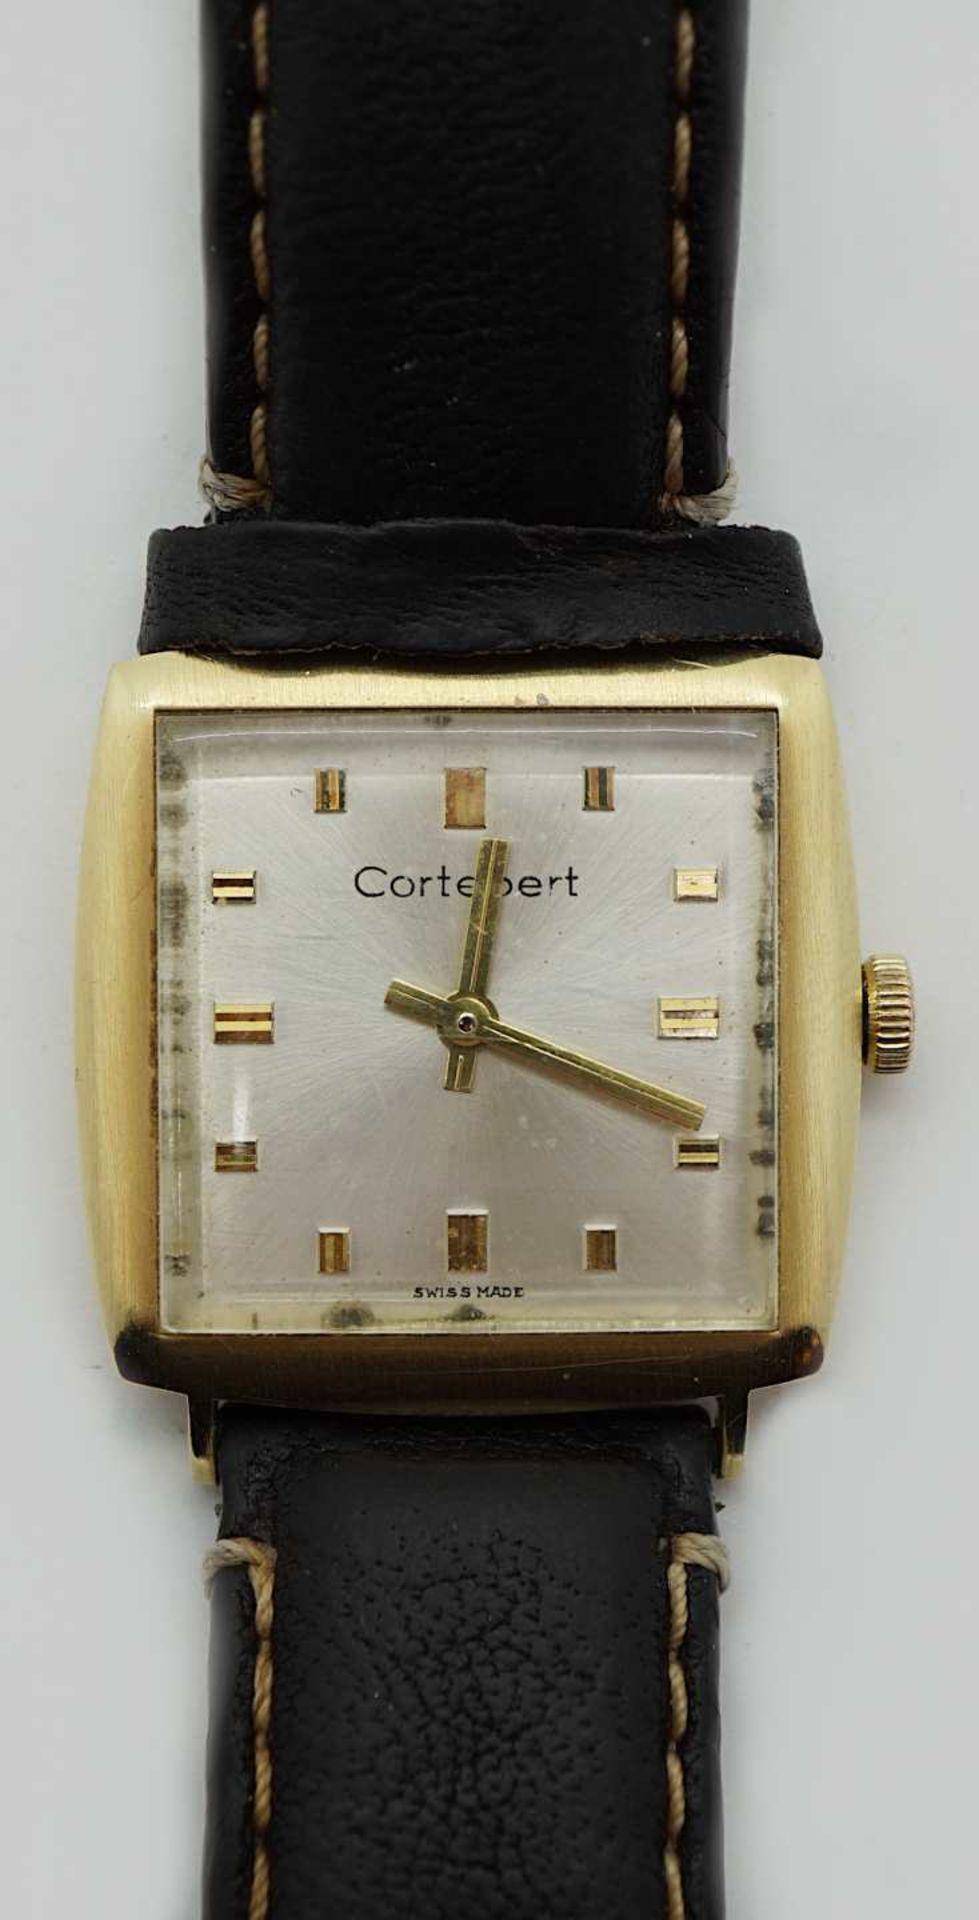 1 Armbanduhr GG CORTÉBERT Gehäuse GG 14ct. Handaufzug Lederband ergänzt je Gsp.